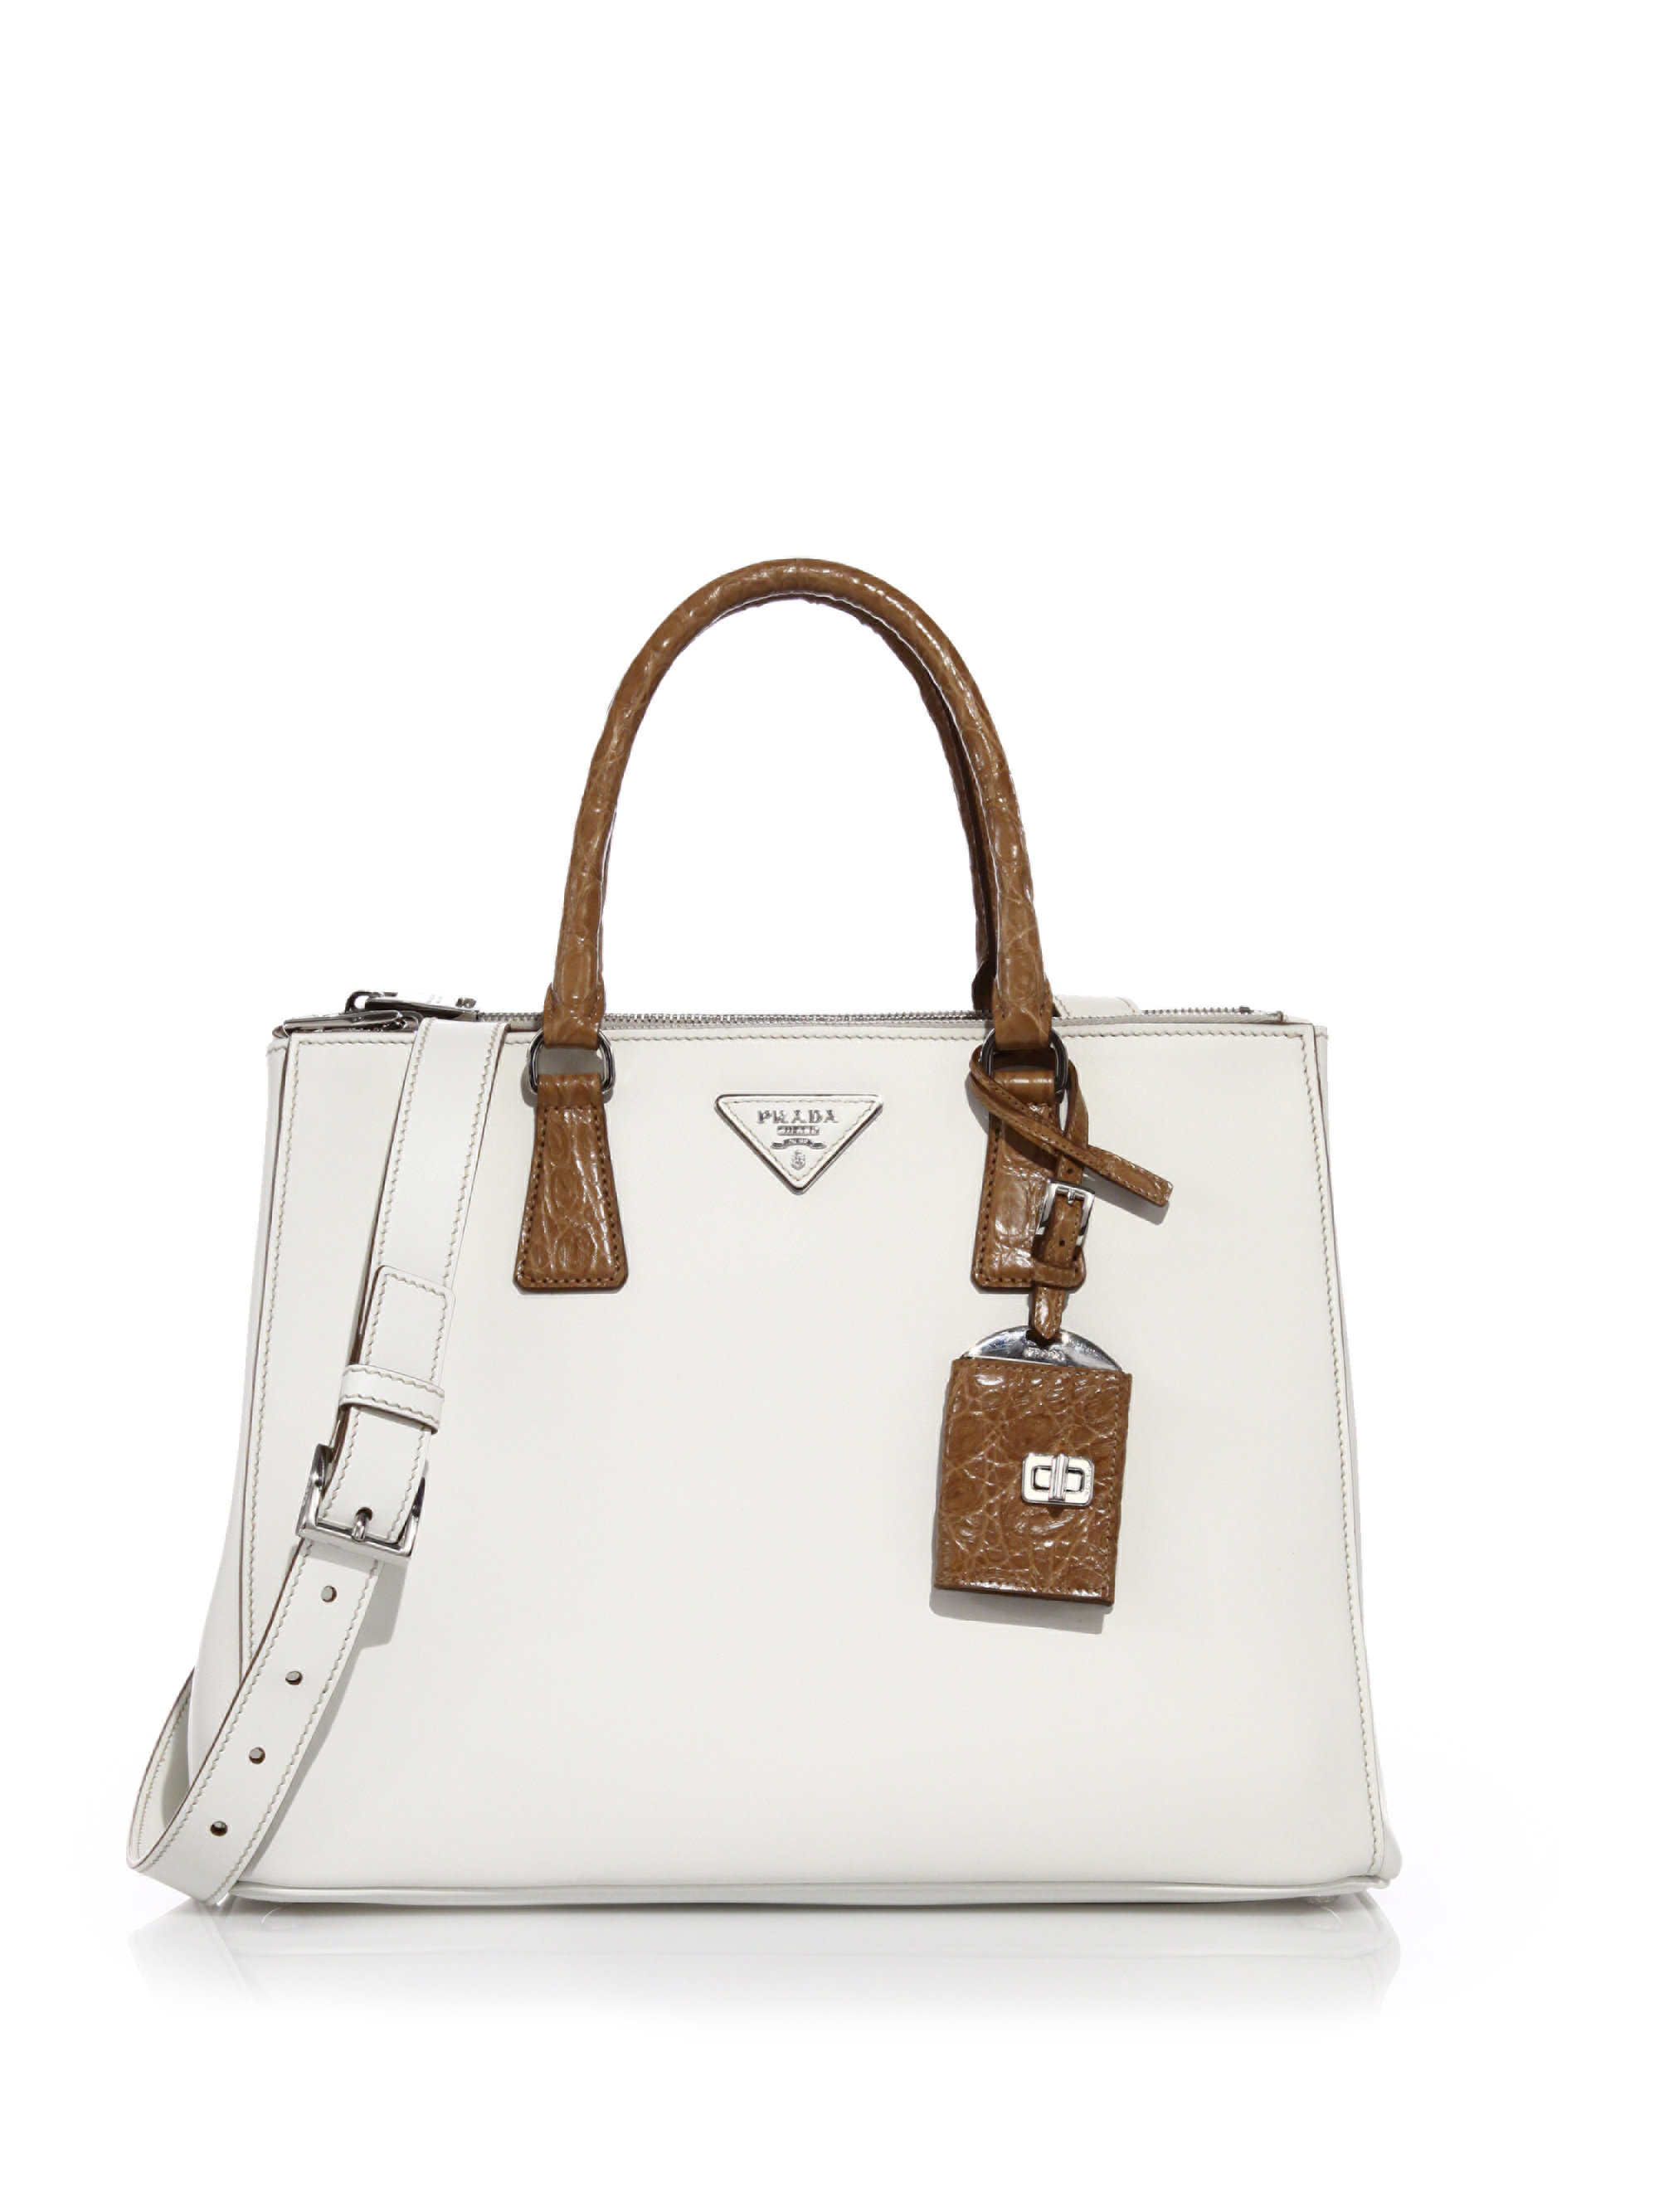 6f8ab6bde0cedf ... cheapest lyst prada galleria medium leather and crocodile tote in white  c0be3 fa018